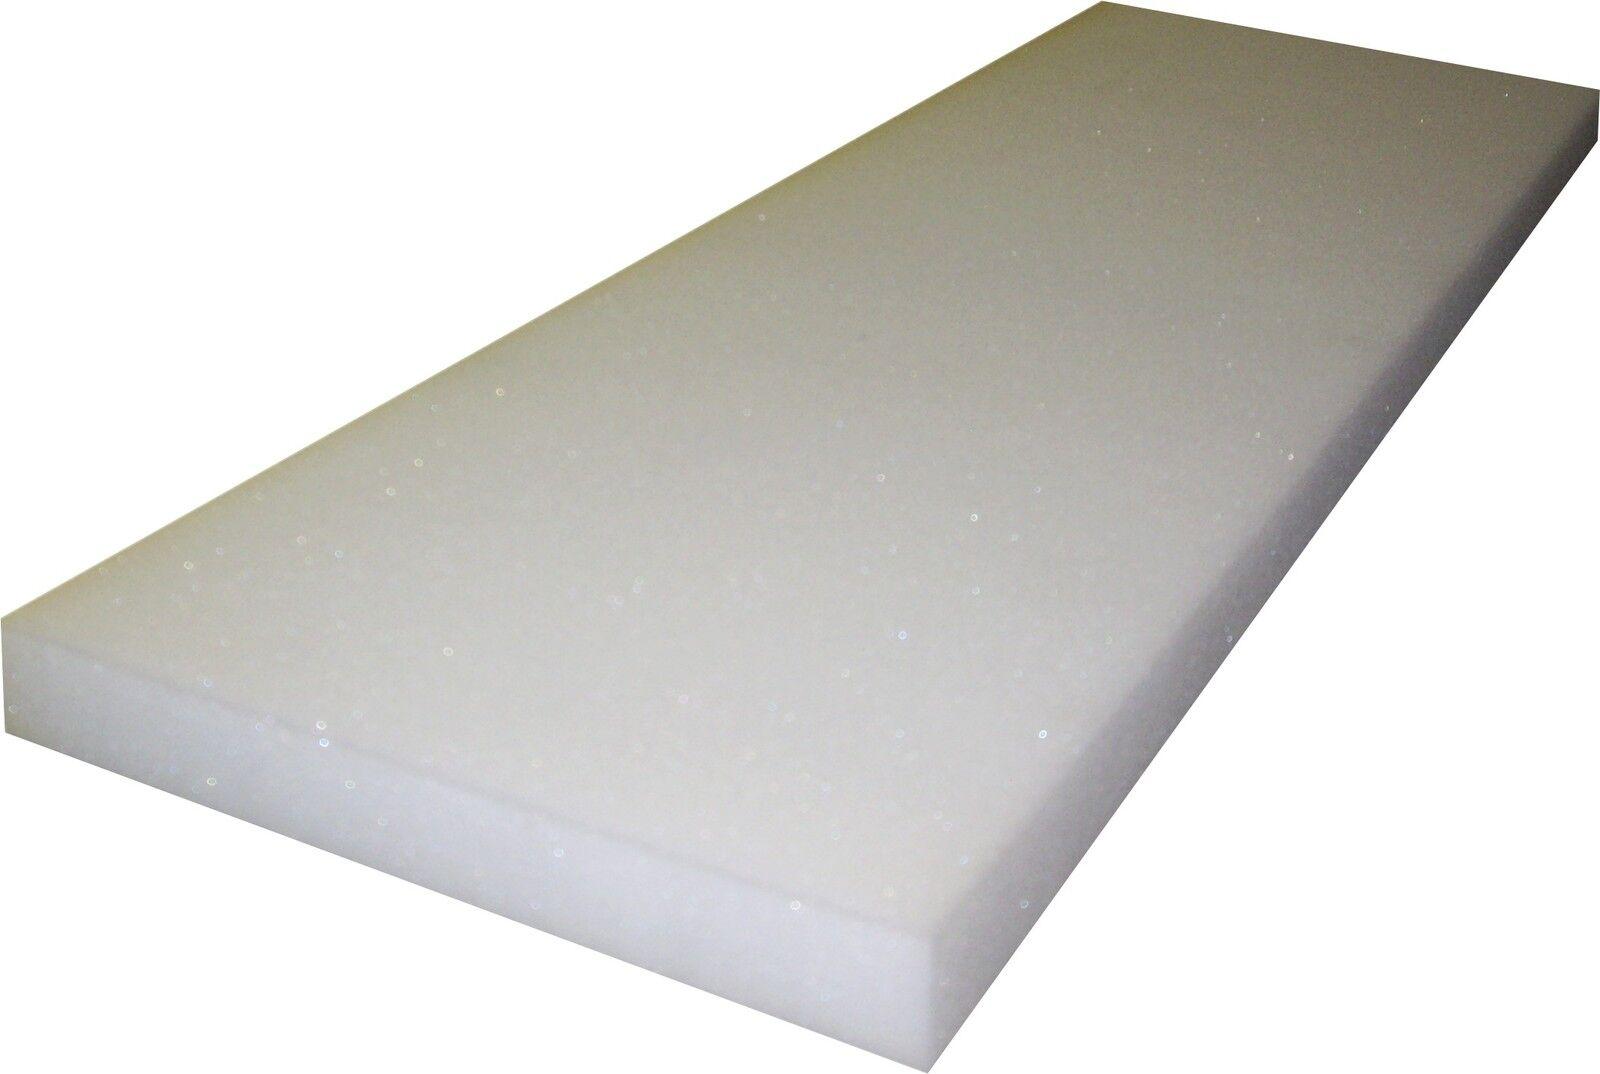 Schaumstoff-Platte 100x200x10 Schaumstoff Matratze RG25